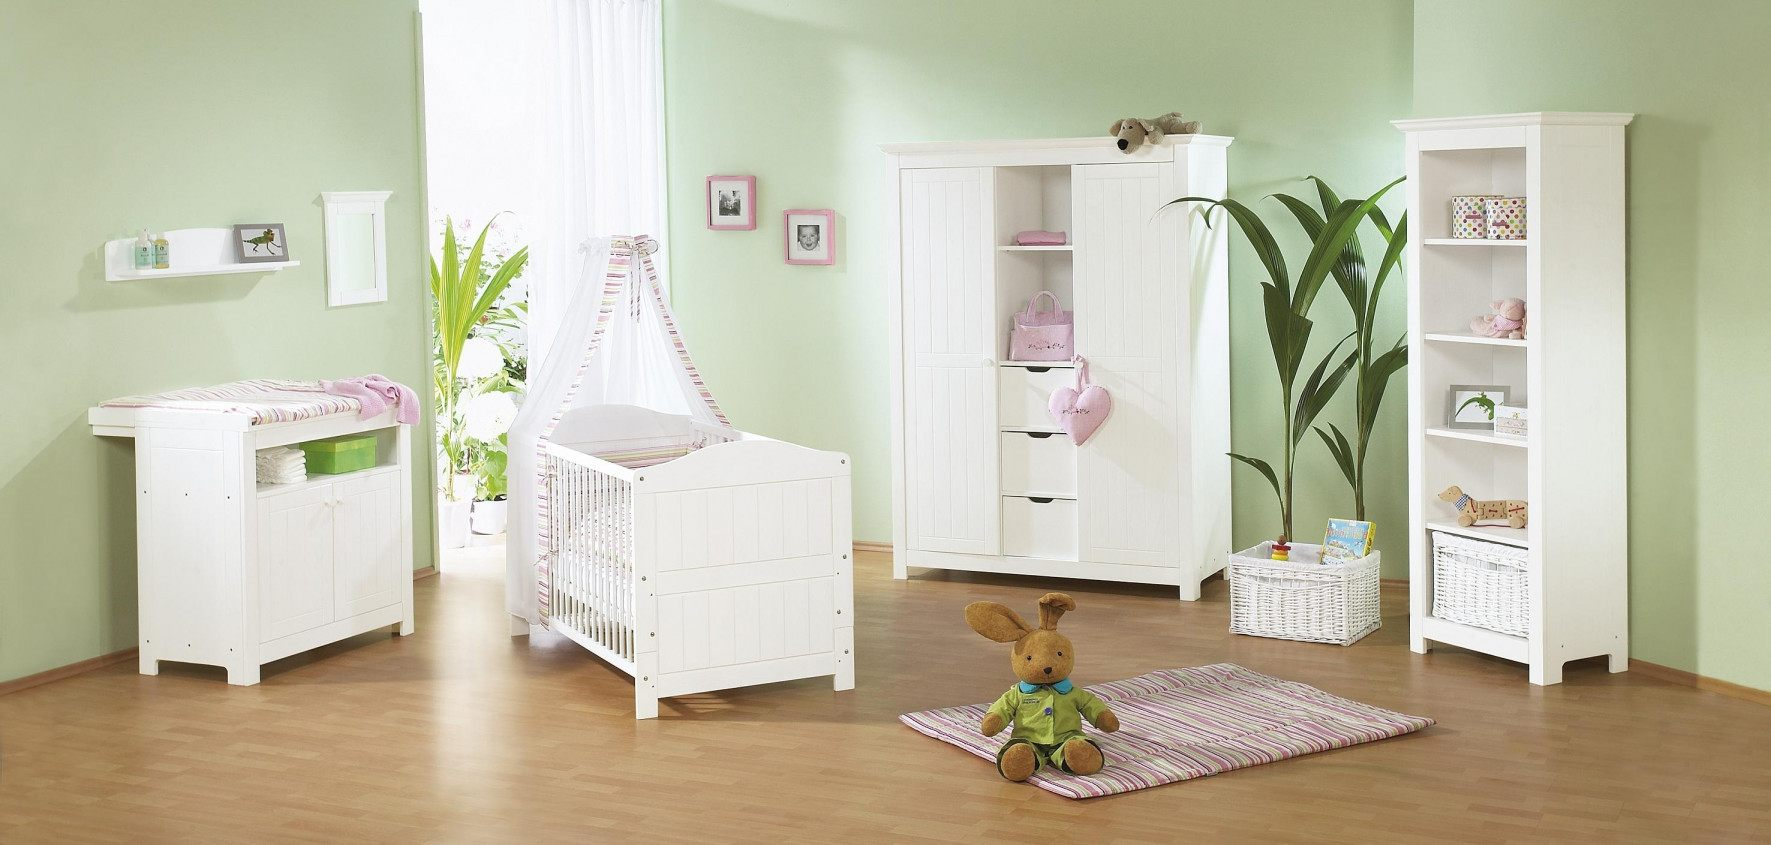 Lit Bébé Et Table A Langer Beau Alinea Chambre Bébé Beautiful Chambre B Ikea 21 36 Contemporain